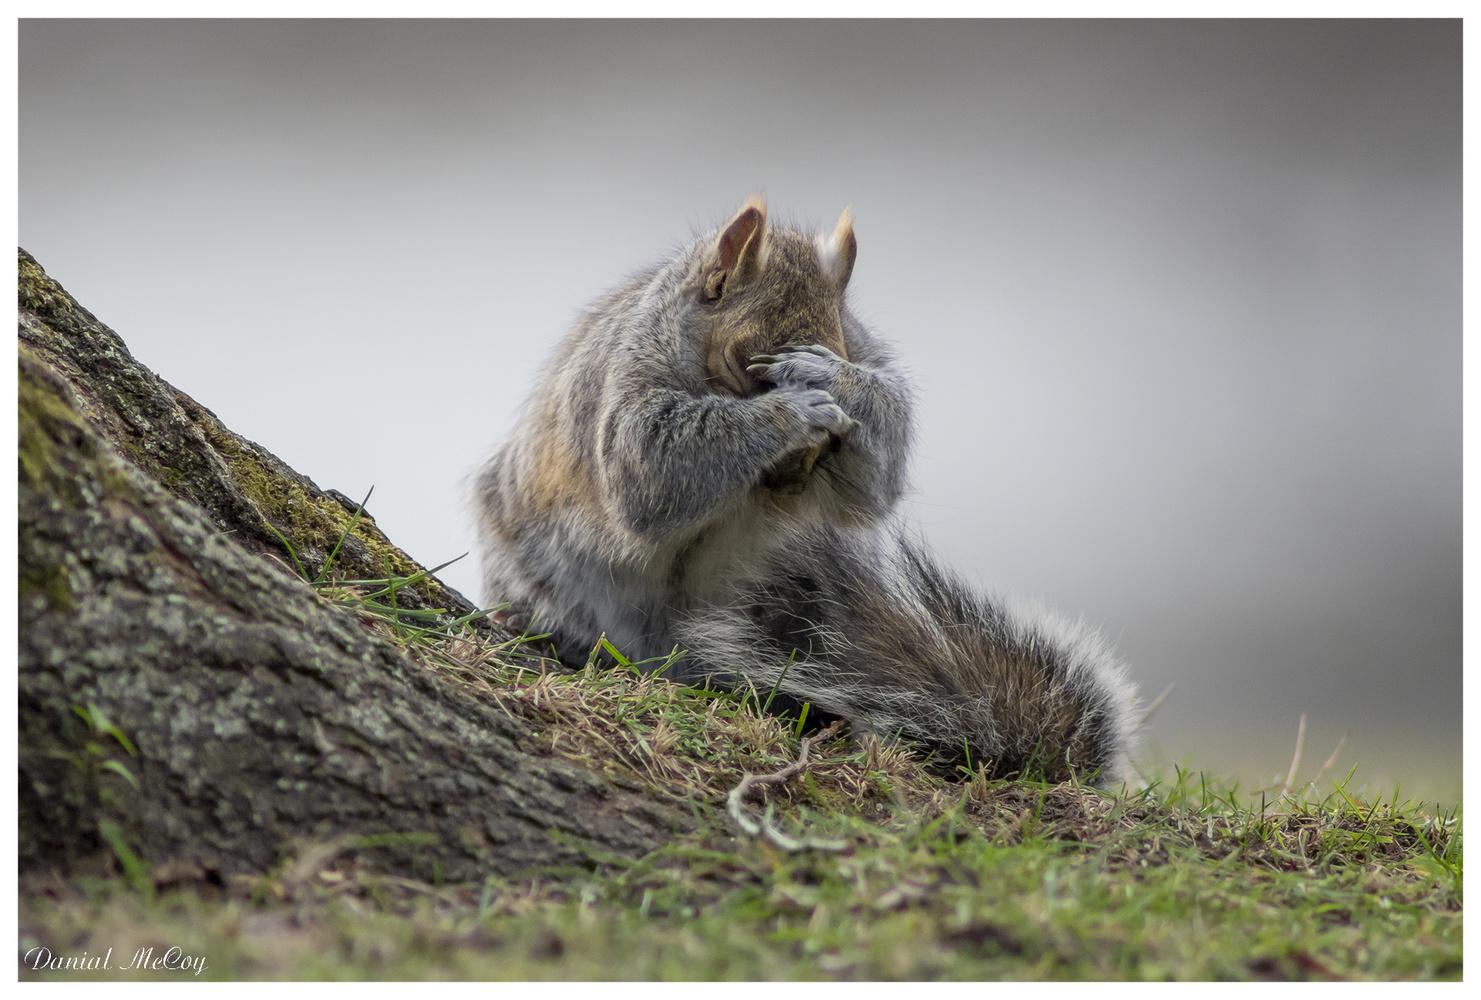 A Grey Squirrel's Head Hug by Danial McCoy